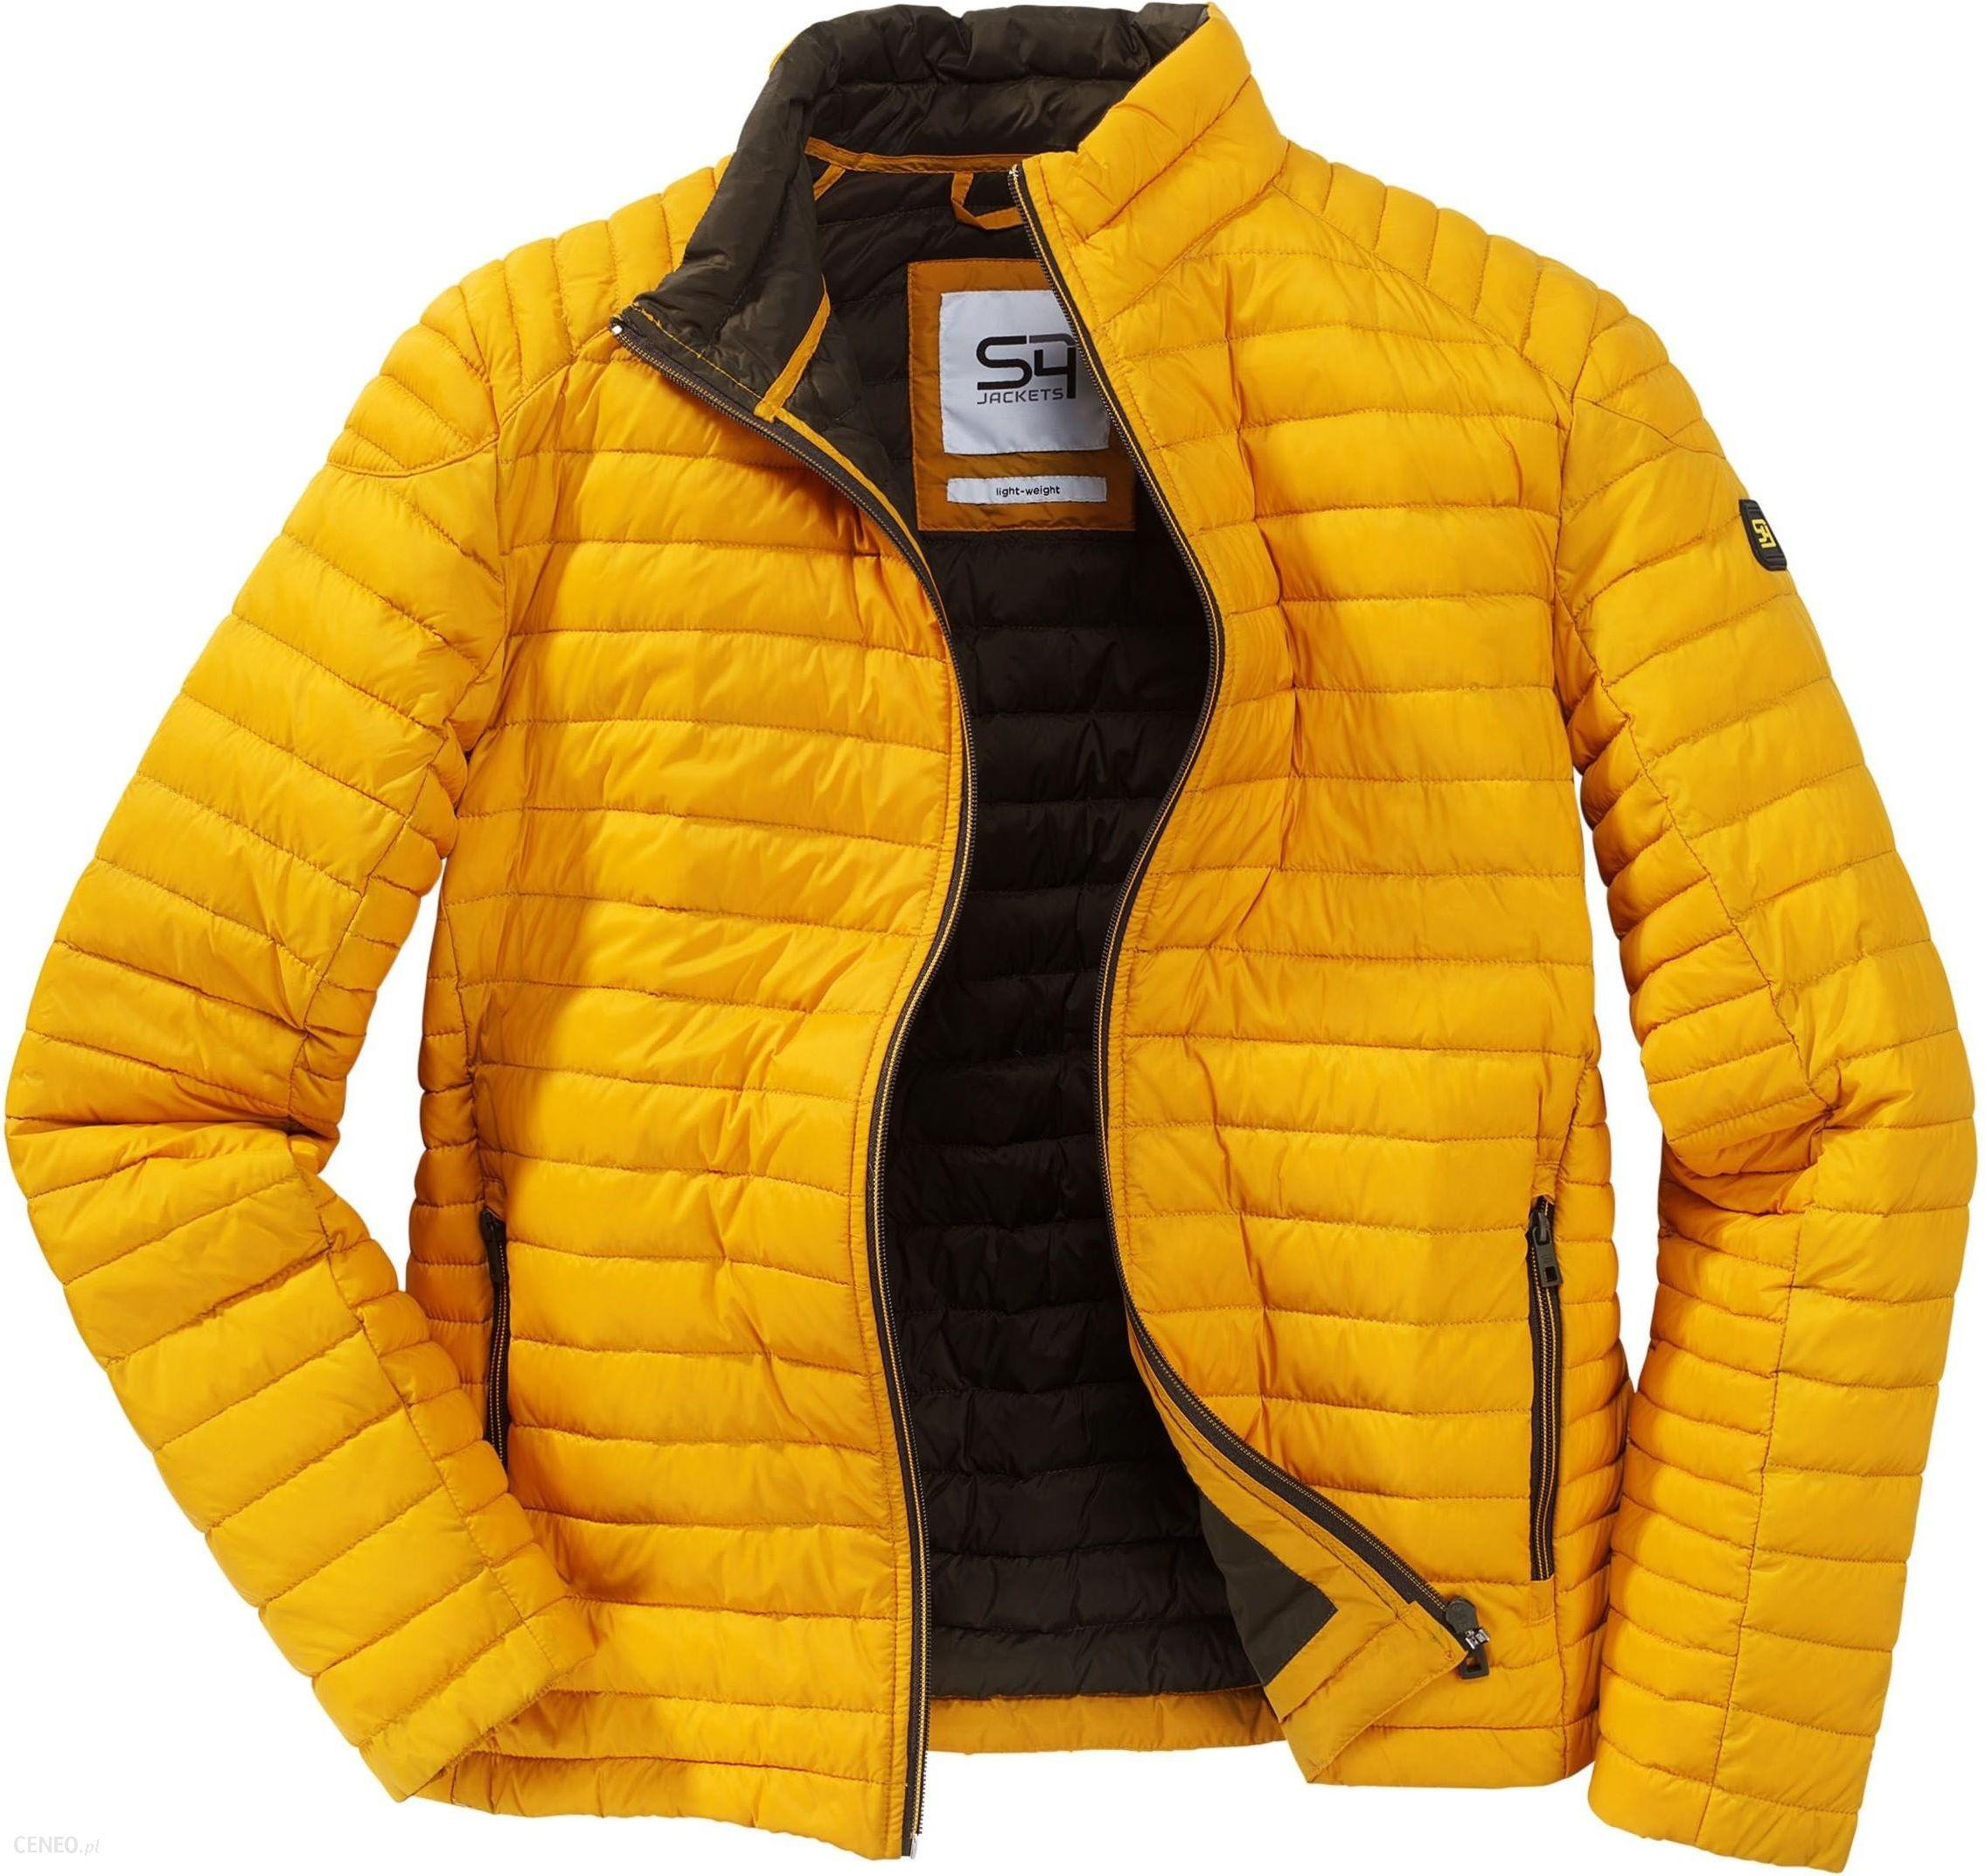 przybywa kody promocyjne wyprzedaż ze zniżką Lekka kurtka puchowa S4 MADBOY żółta